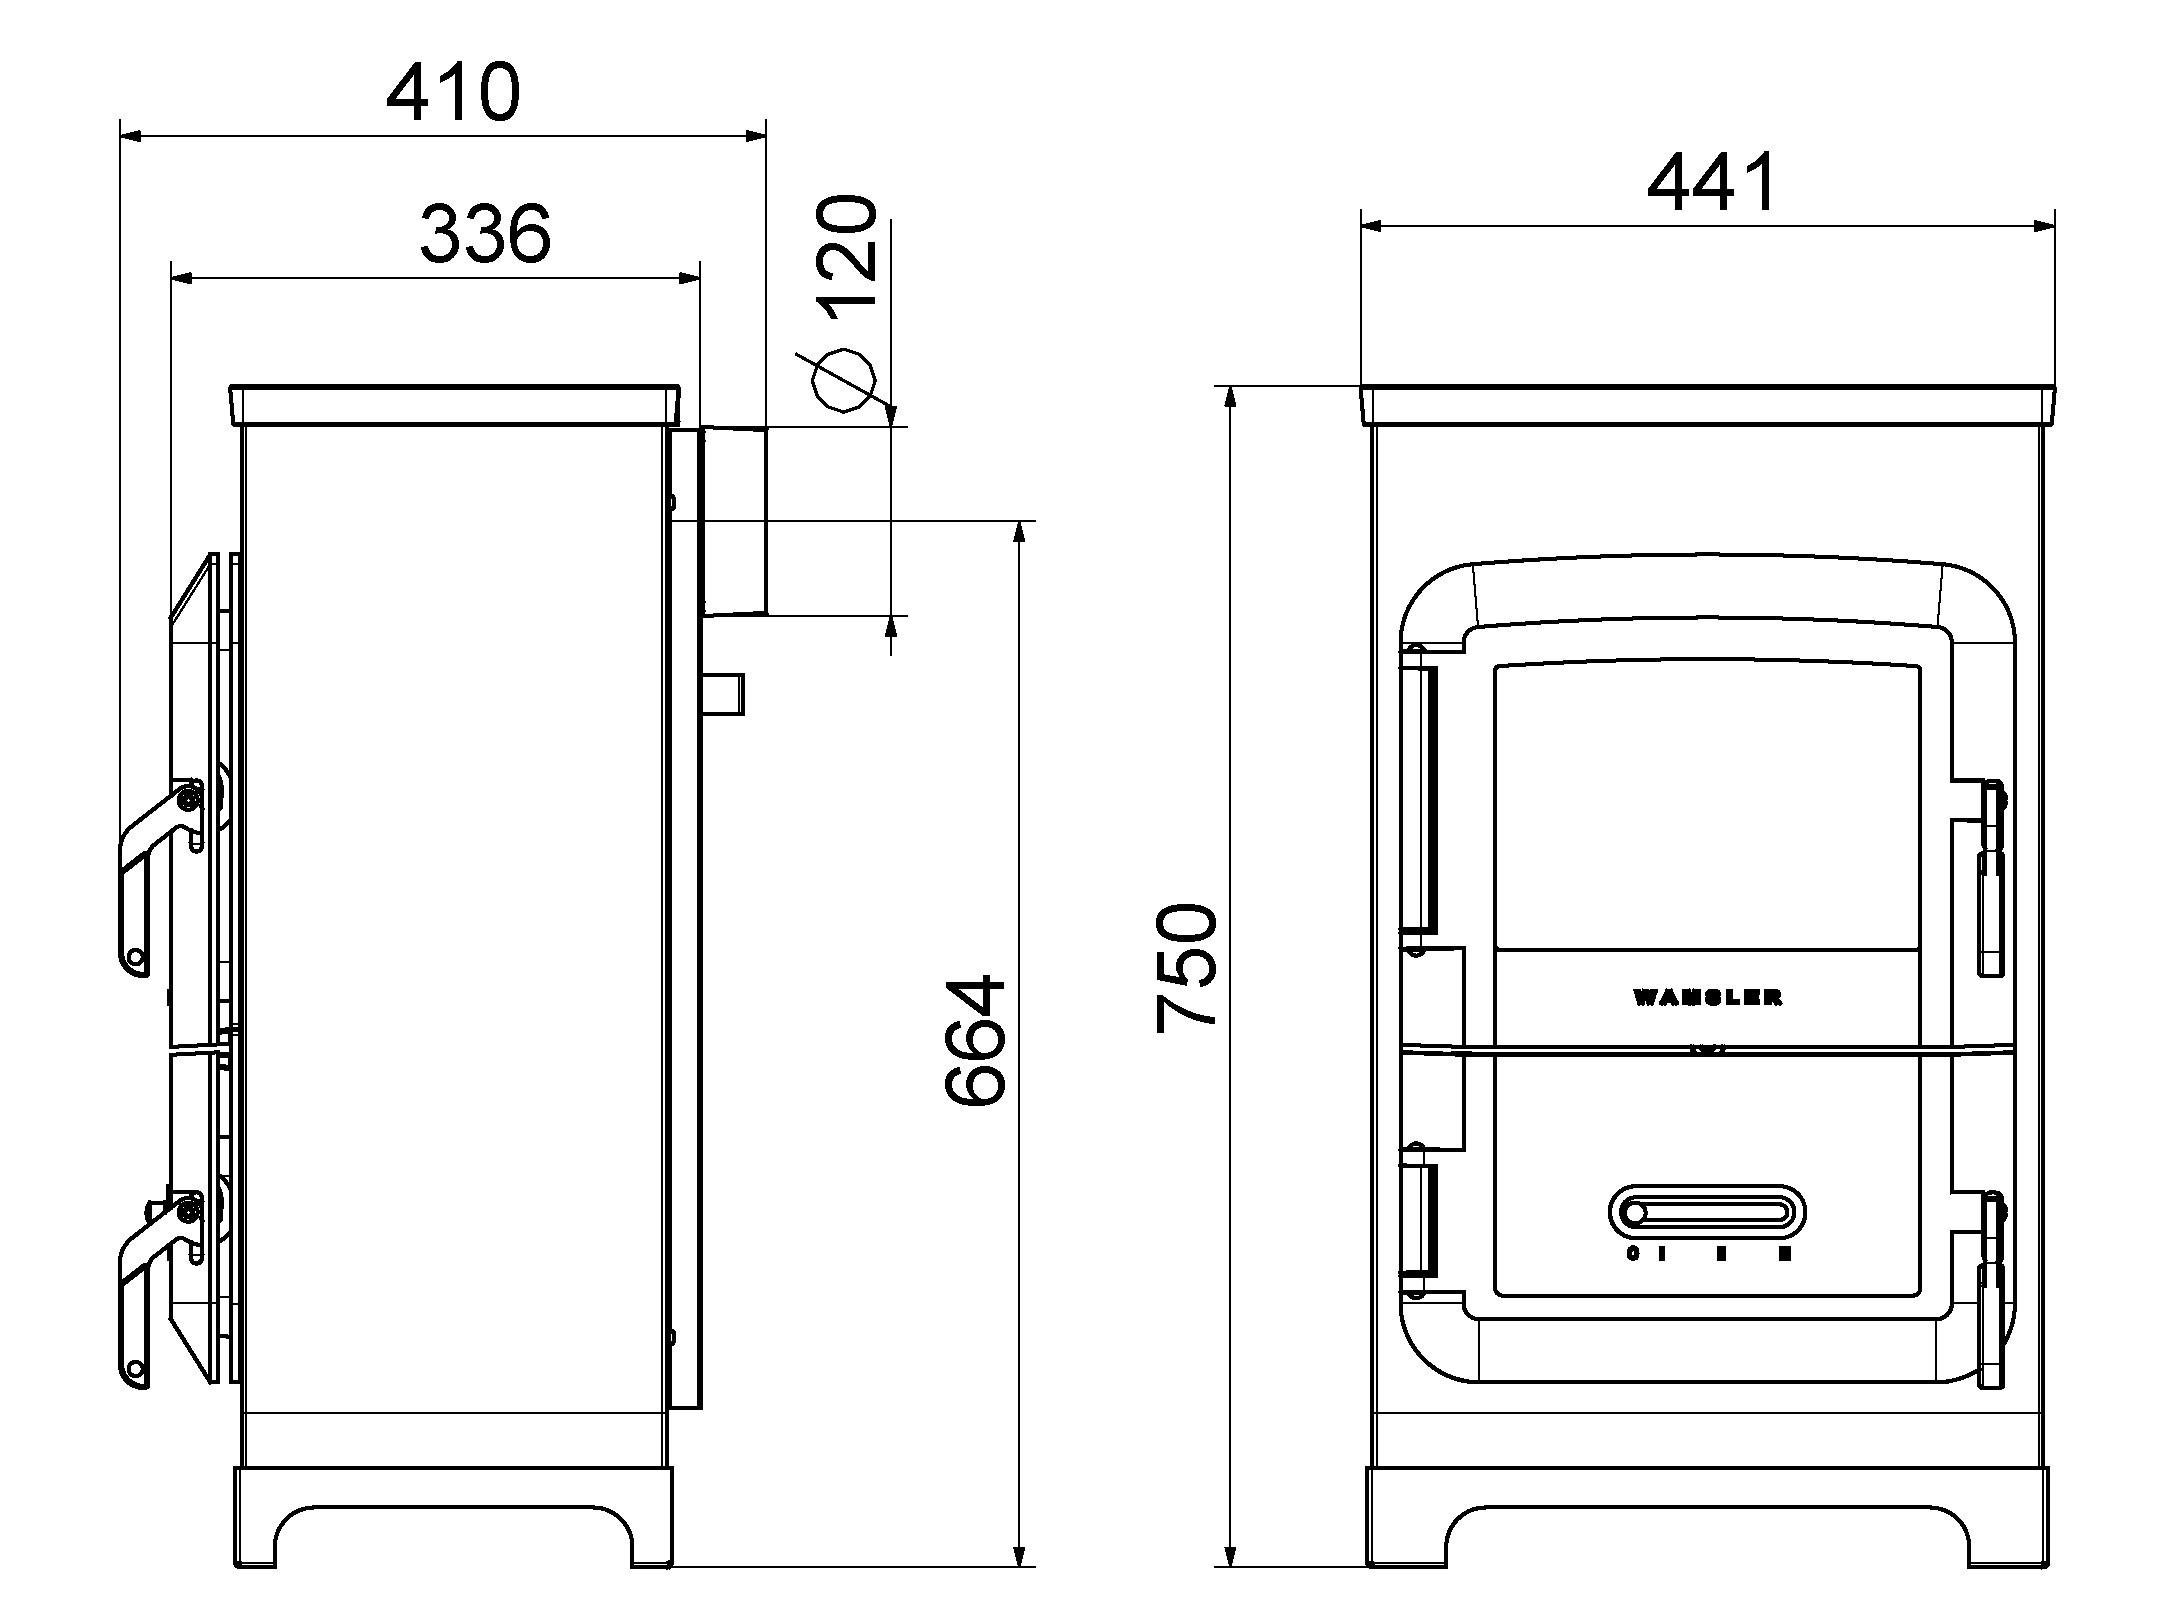 kaminofen wamsler raumheizer rh 6f kaschmir 6kw mit. Black Bedroom Furniture Sets. Home Design Ideas